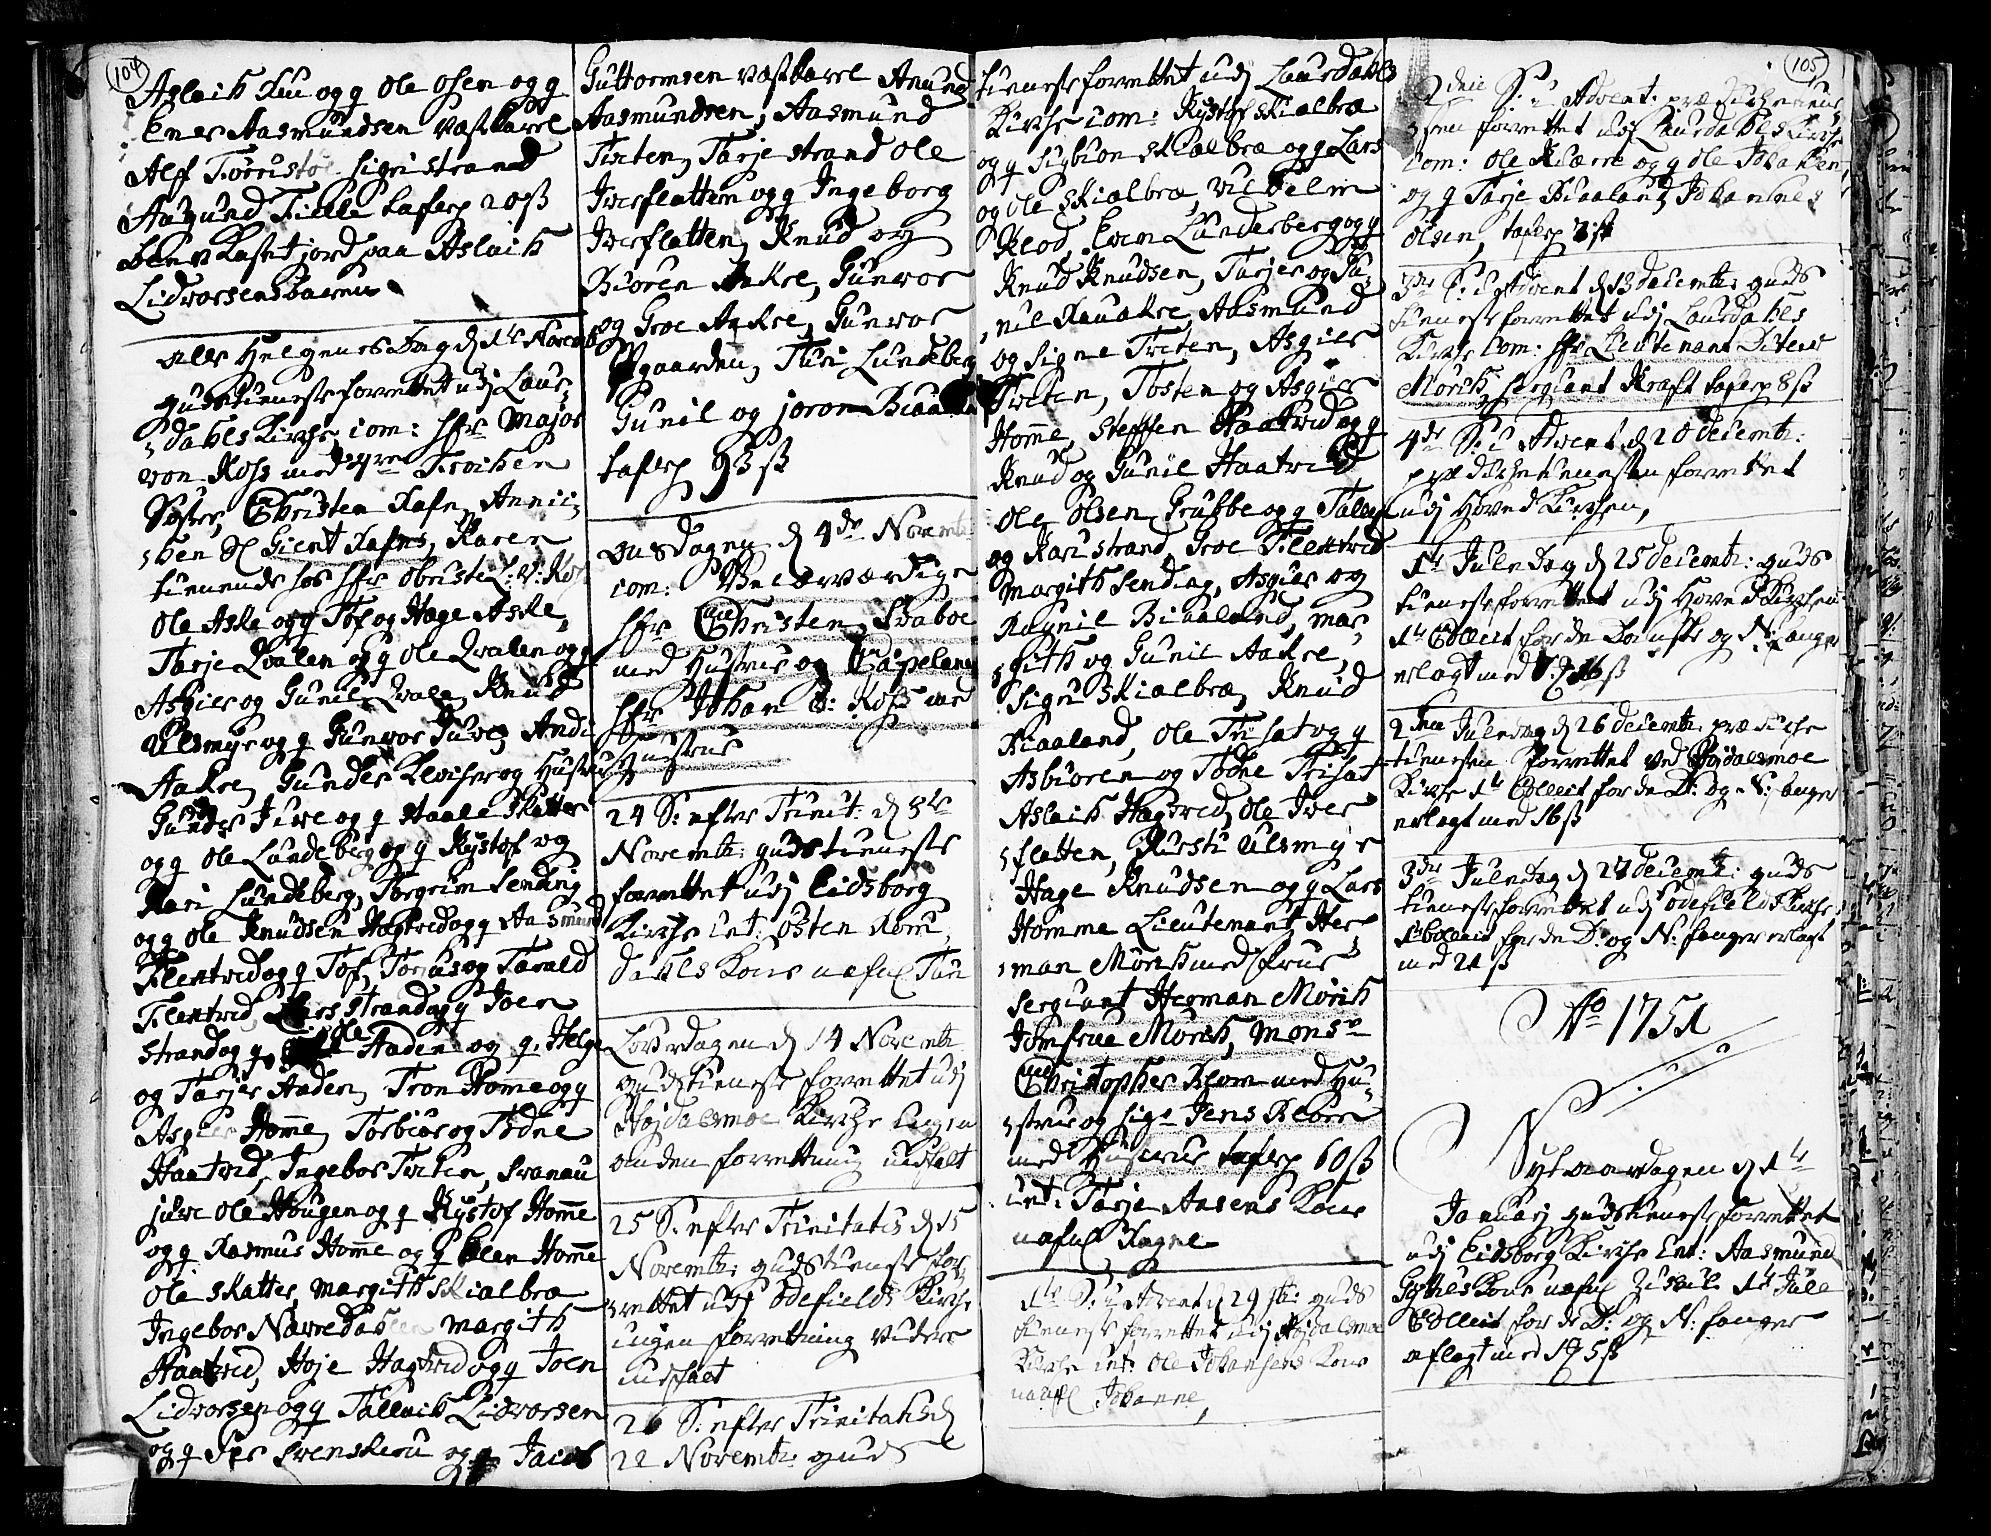 SAKO, Lårdal kirkebøker, F/Fa/L0002: Ministerialbok nr. I 2, 1734-1754, s. 104-105